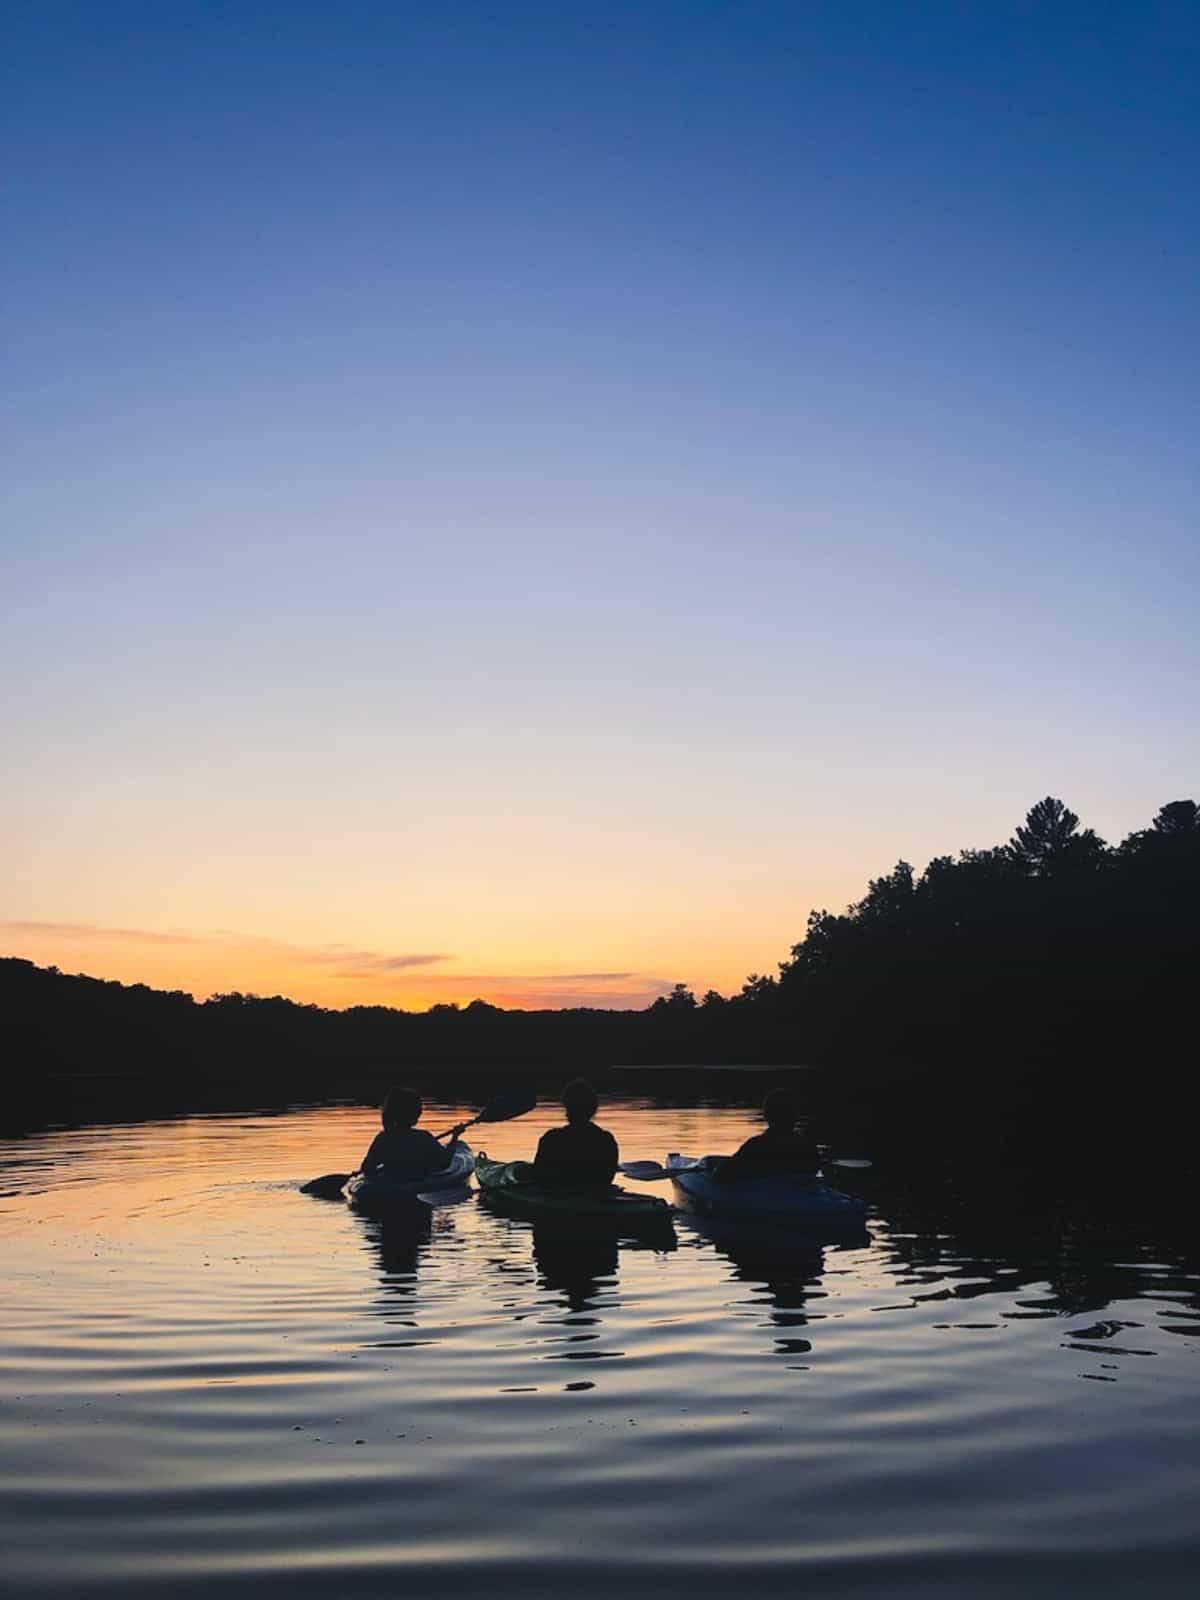 Kayaking at sunset.